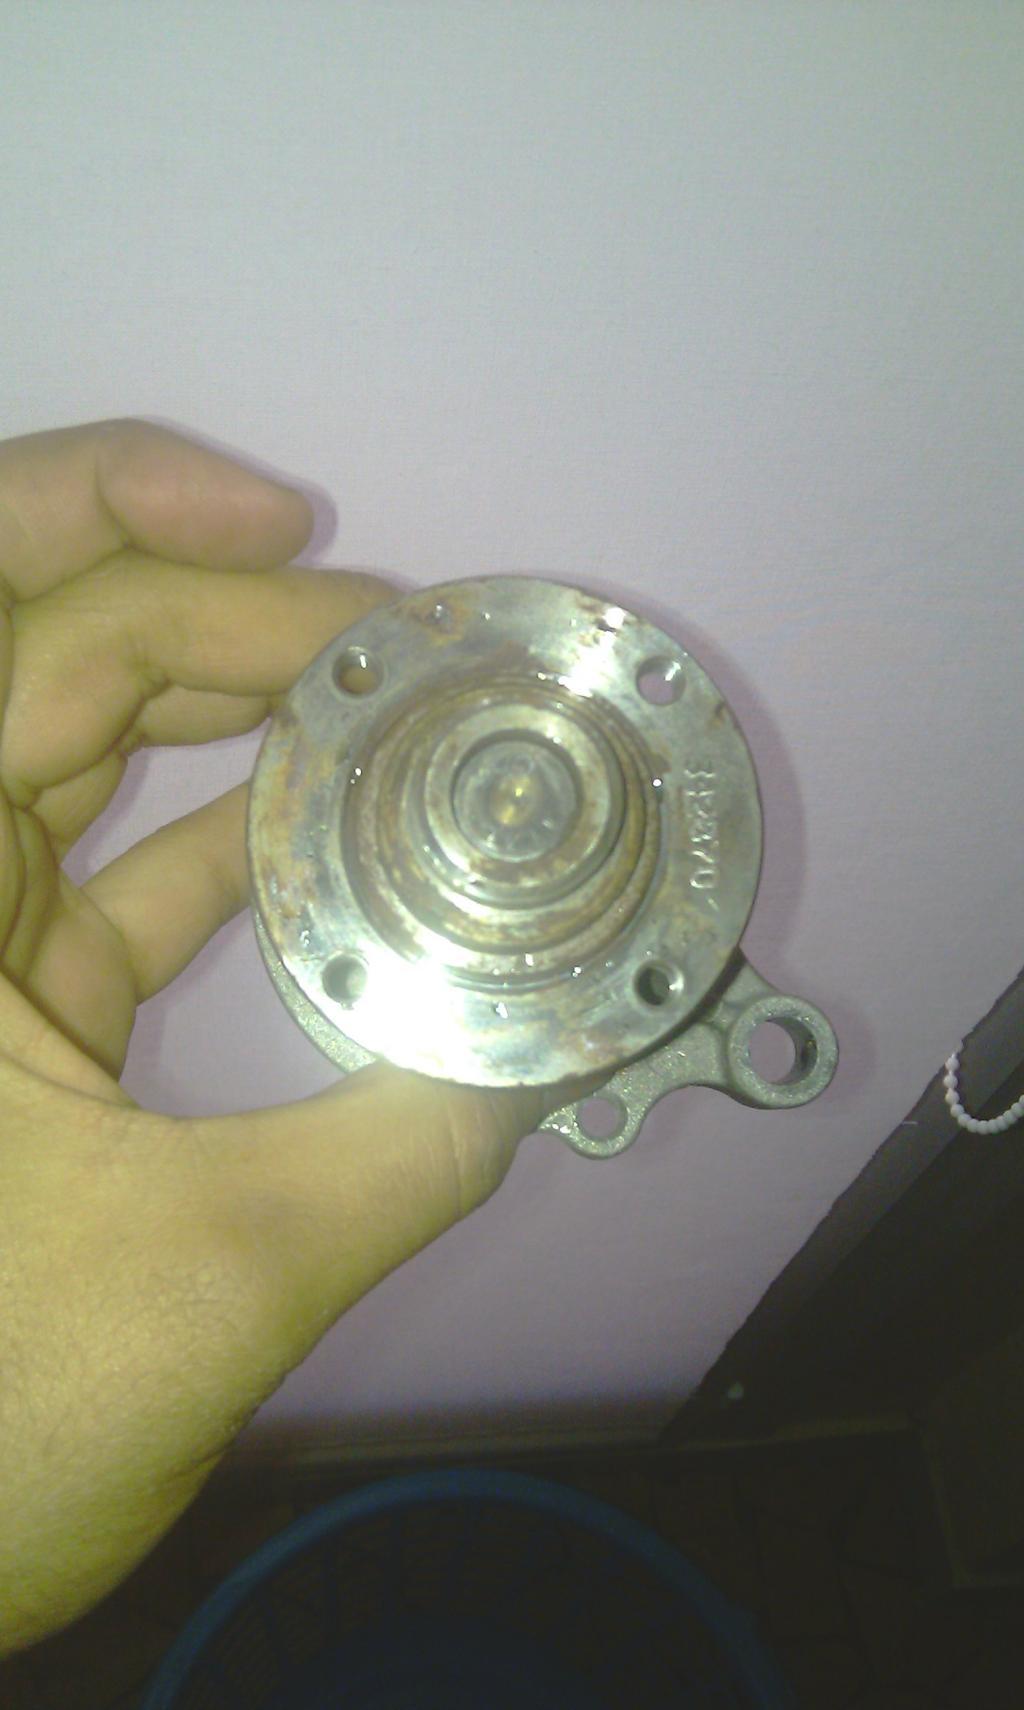 [ BMW E36 316i compact an 1995 ] Durite radiateur habitacle cassée de l'embout rouge - Page 2 Imag0074-2a2606e